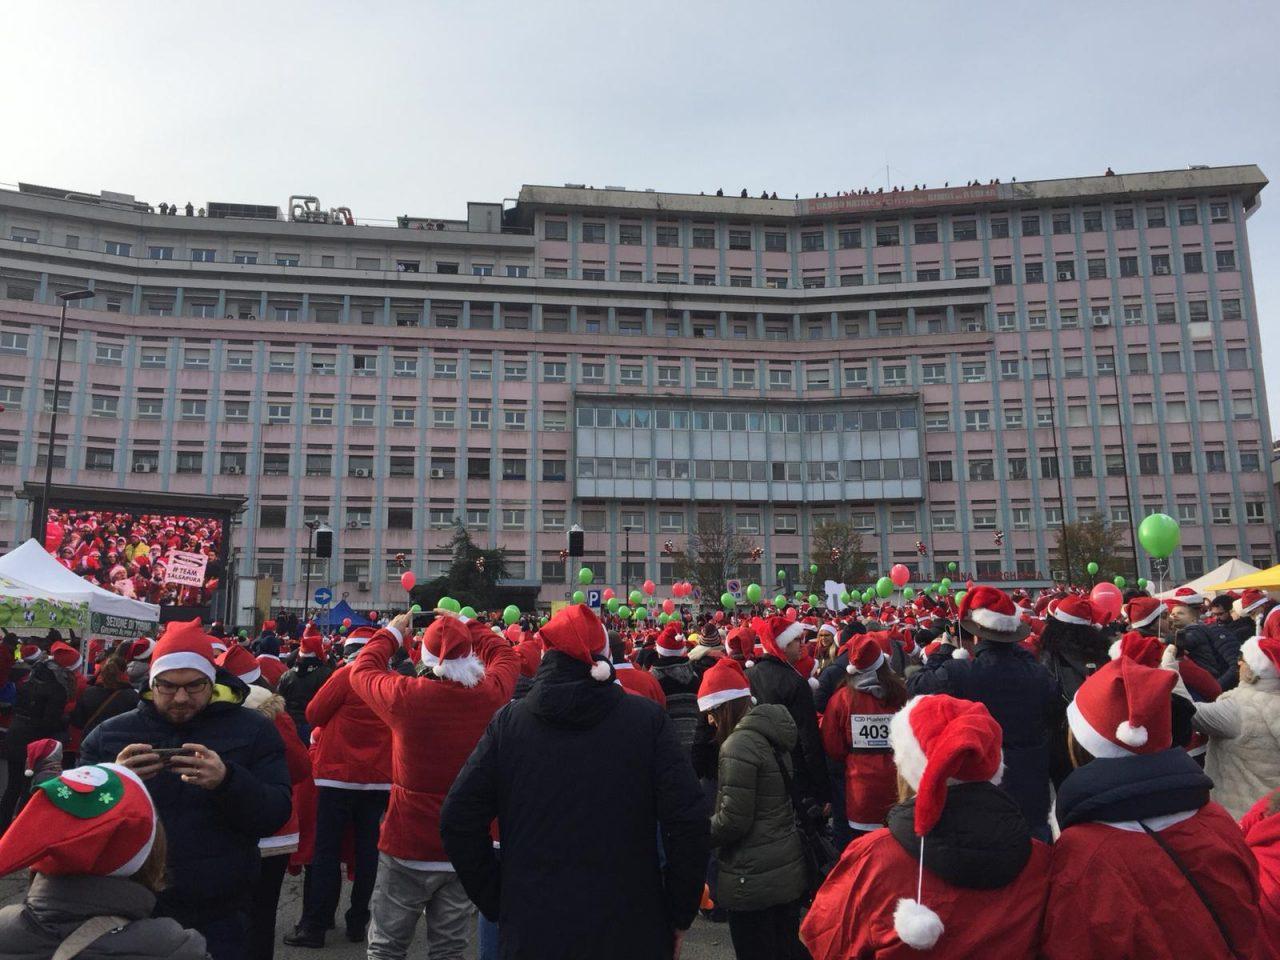 Babbi Natale al Regina Margherita, erano 20mila secondo gli organizzatori coloro che oggi, domenica 2 dicembre, hanno portato un sorriso ai bimbi ricoverati.